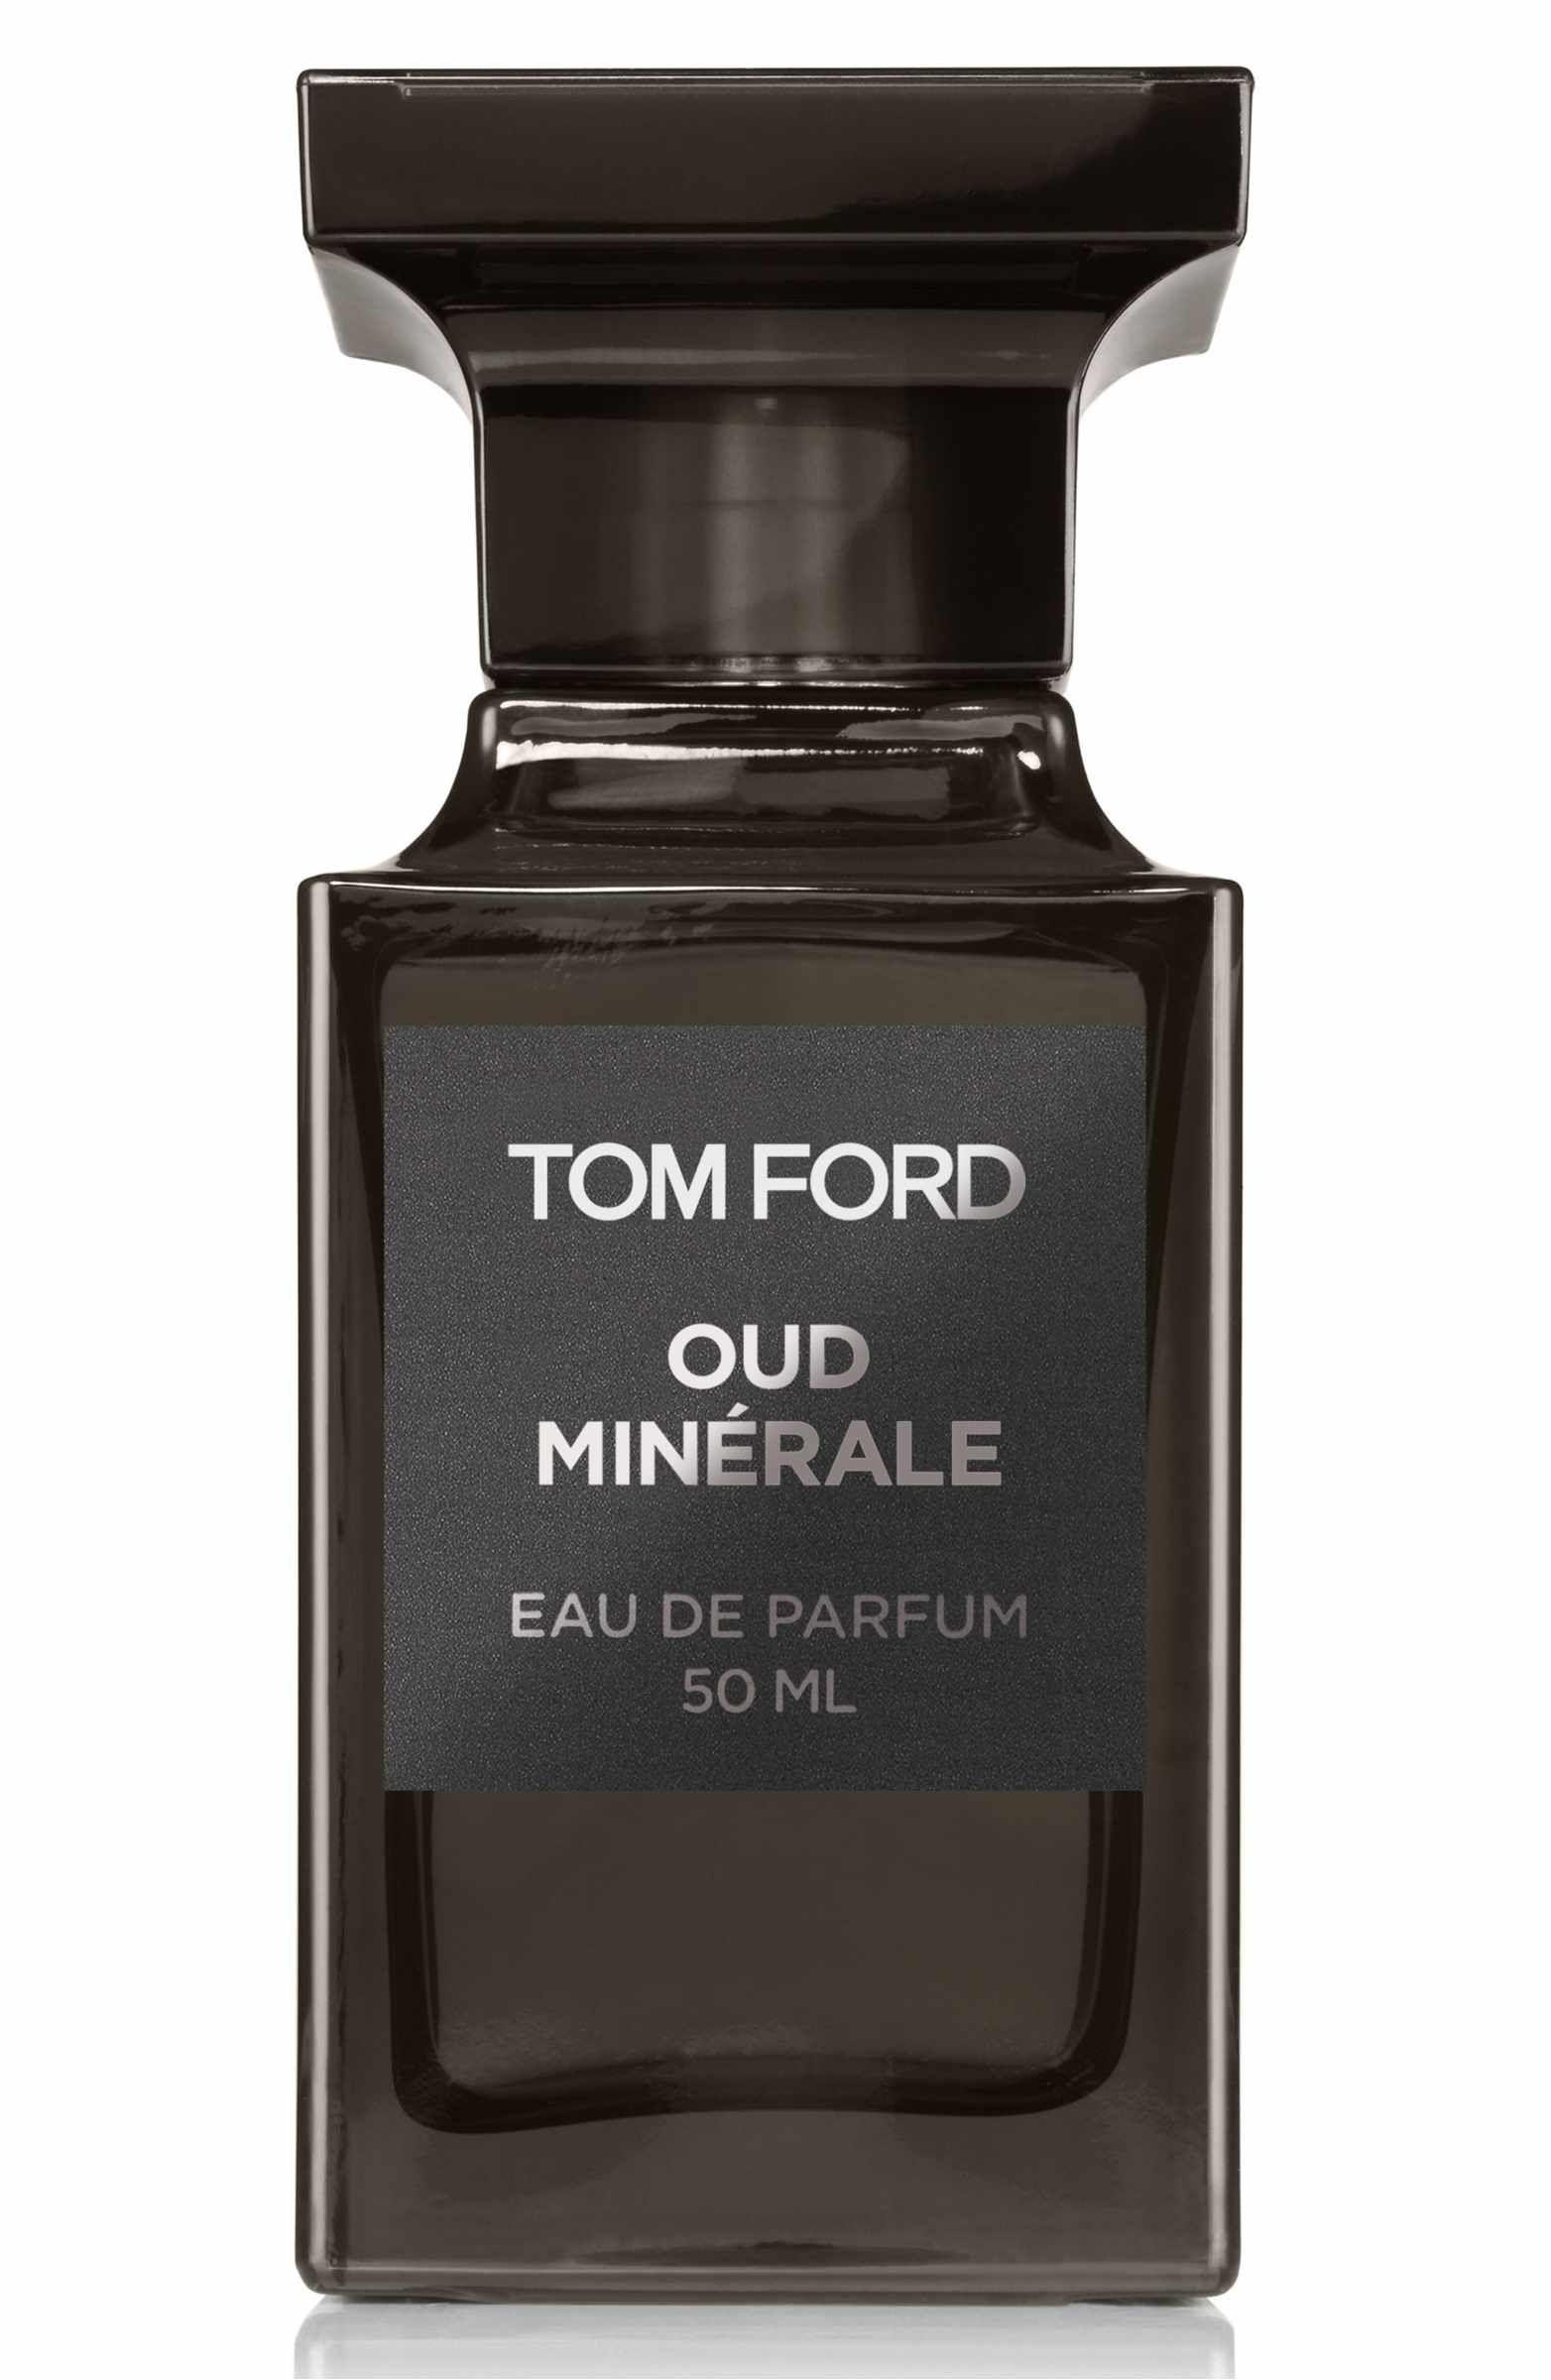 92a5598743f525 Main Image - Tom Ford Private Blend Oud Minérale Eau de Parfum ...